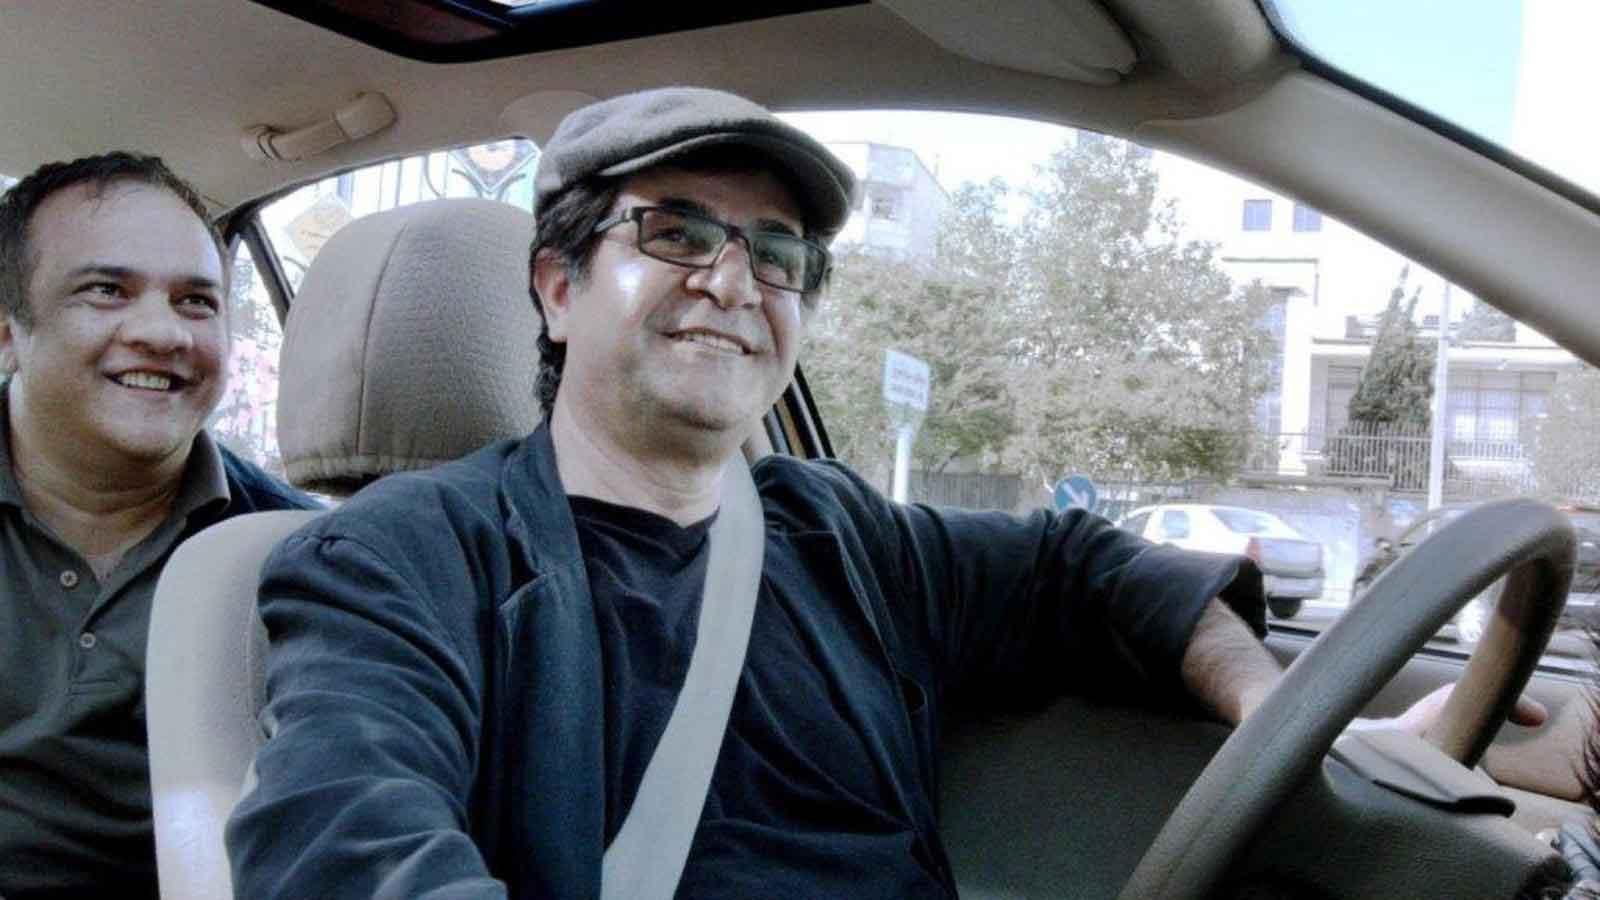 wacana-sinema-dunia-2015_07-taxi-teheran